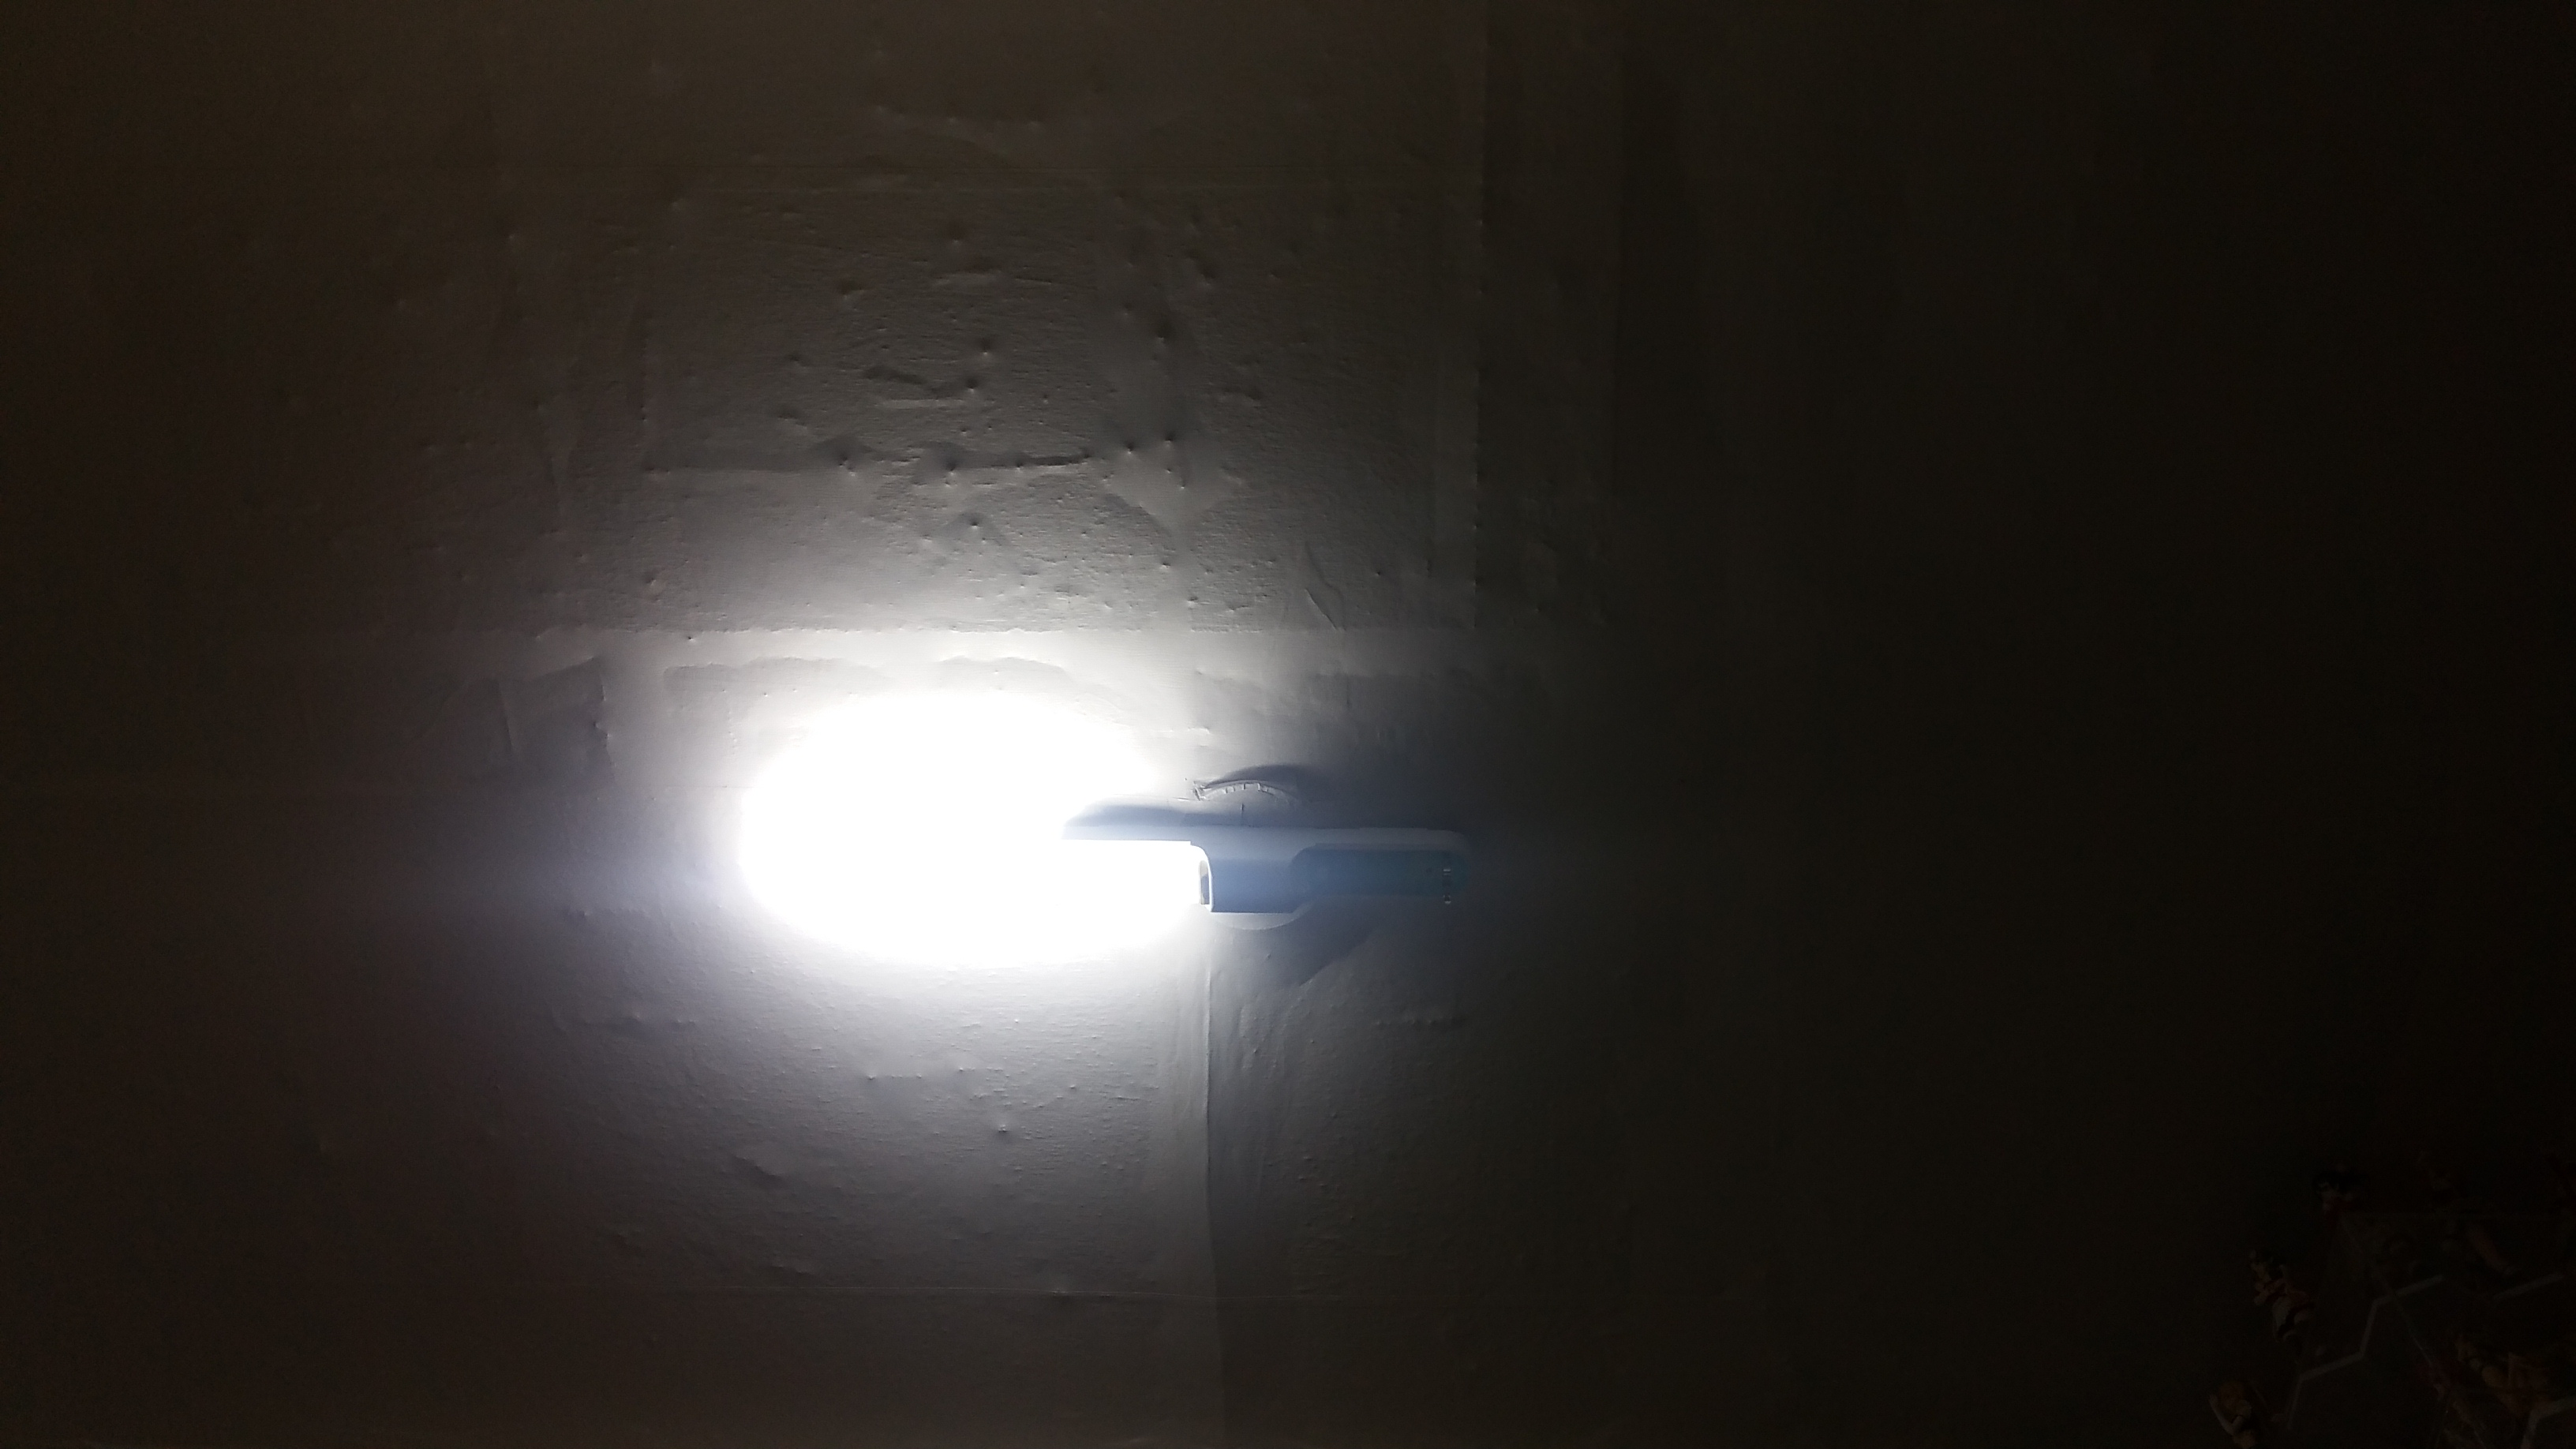 등불이 마음에 안들어!